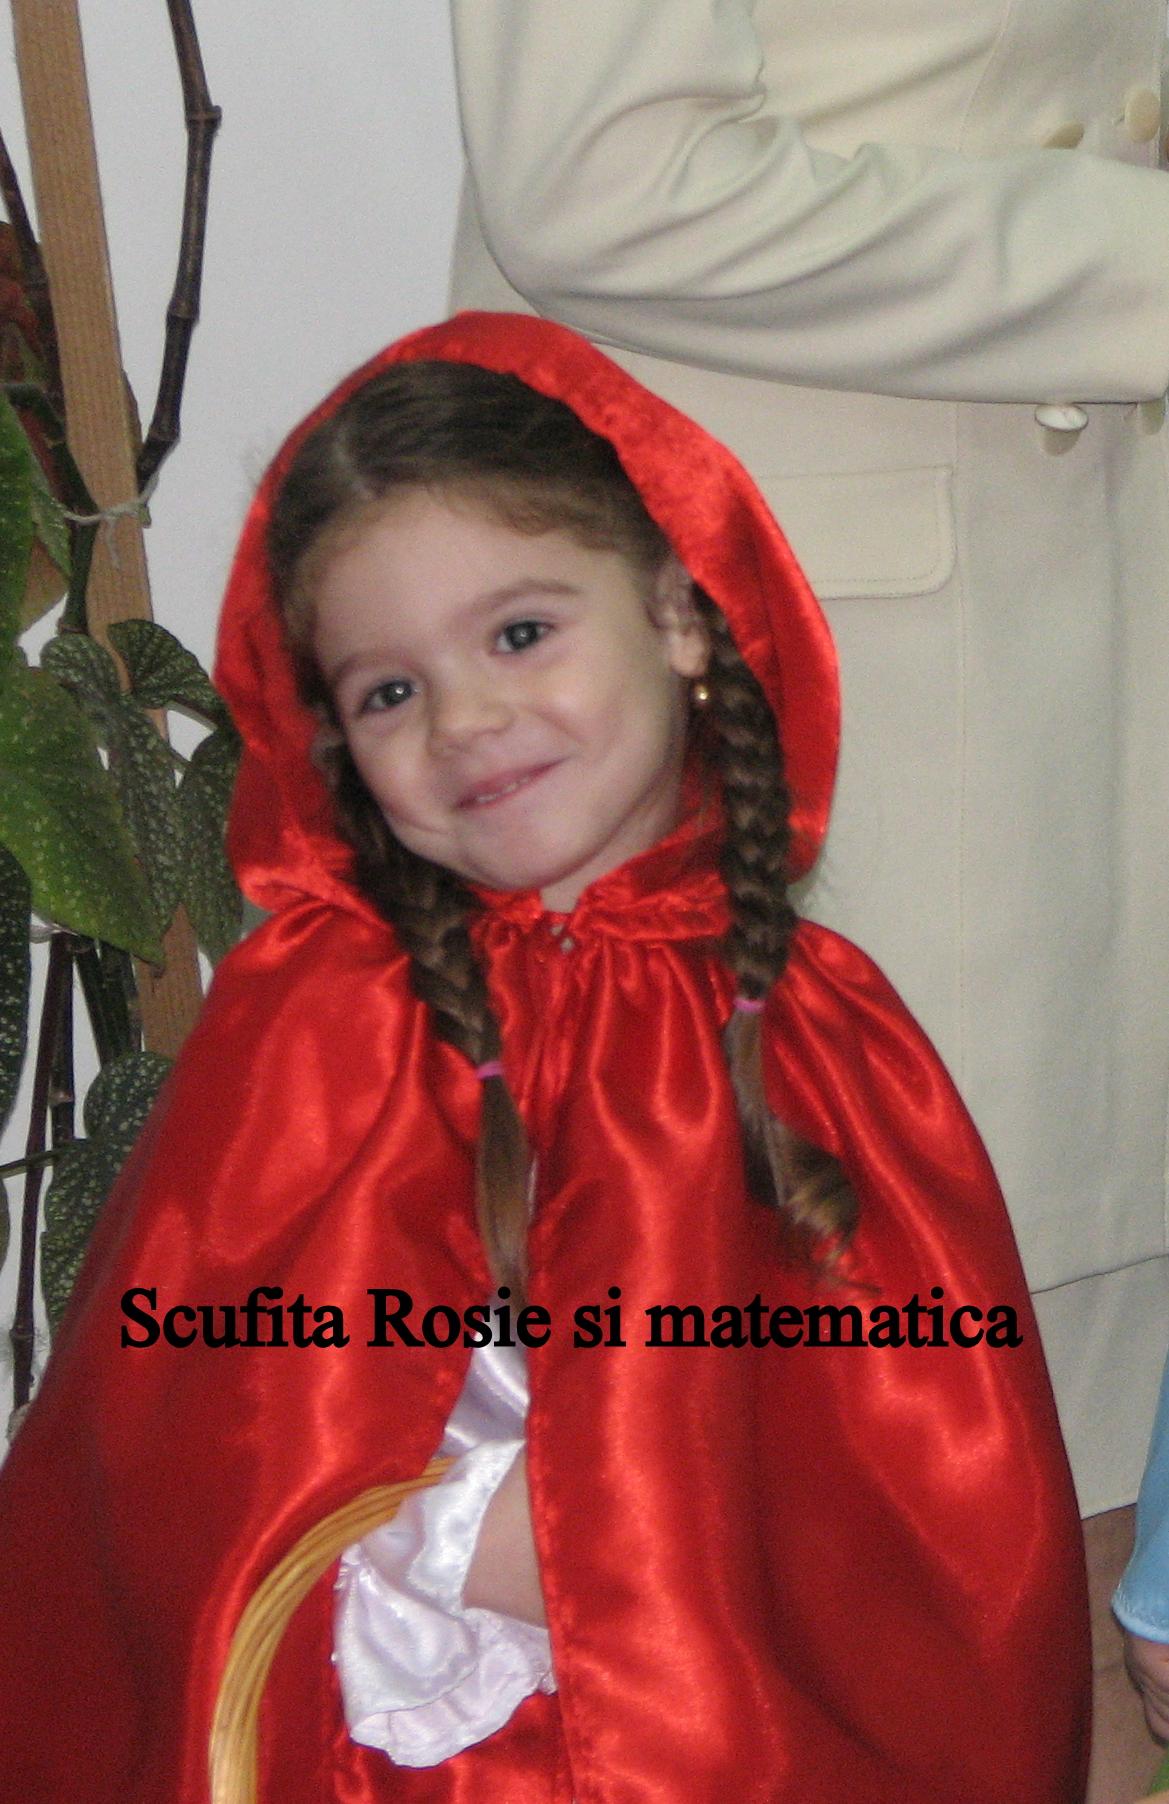 Scufiţa Roşie şi matematica (2)